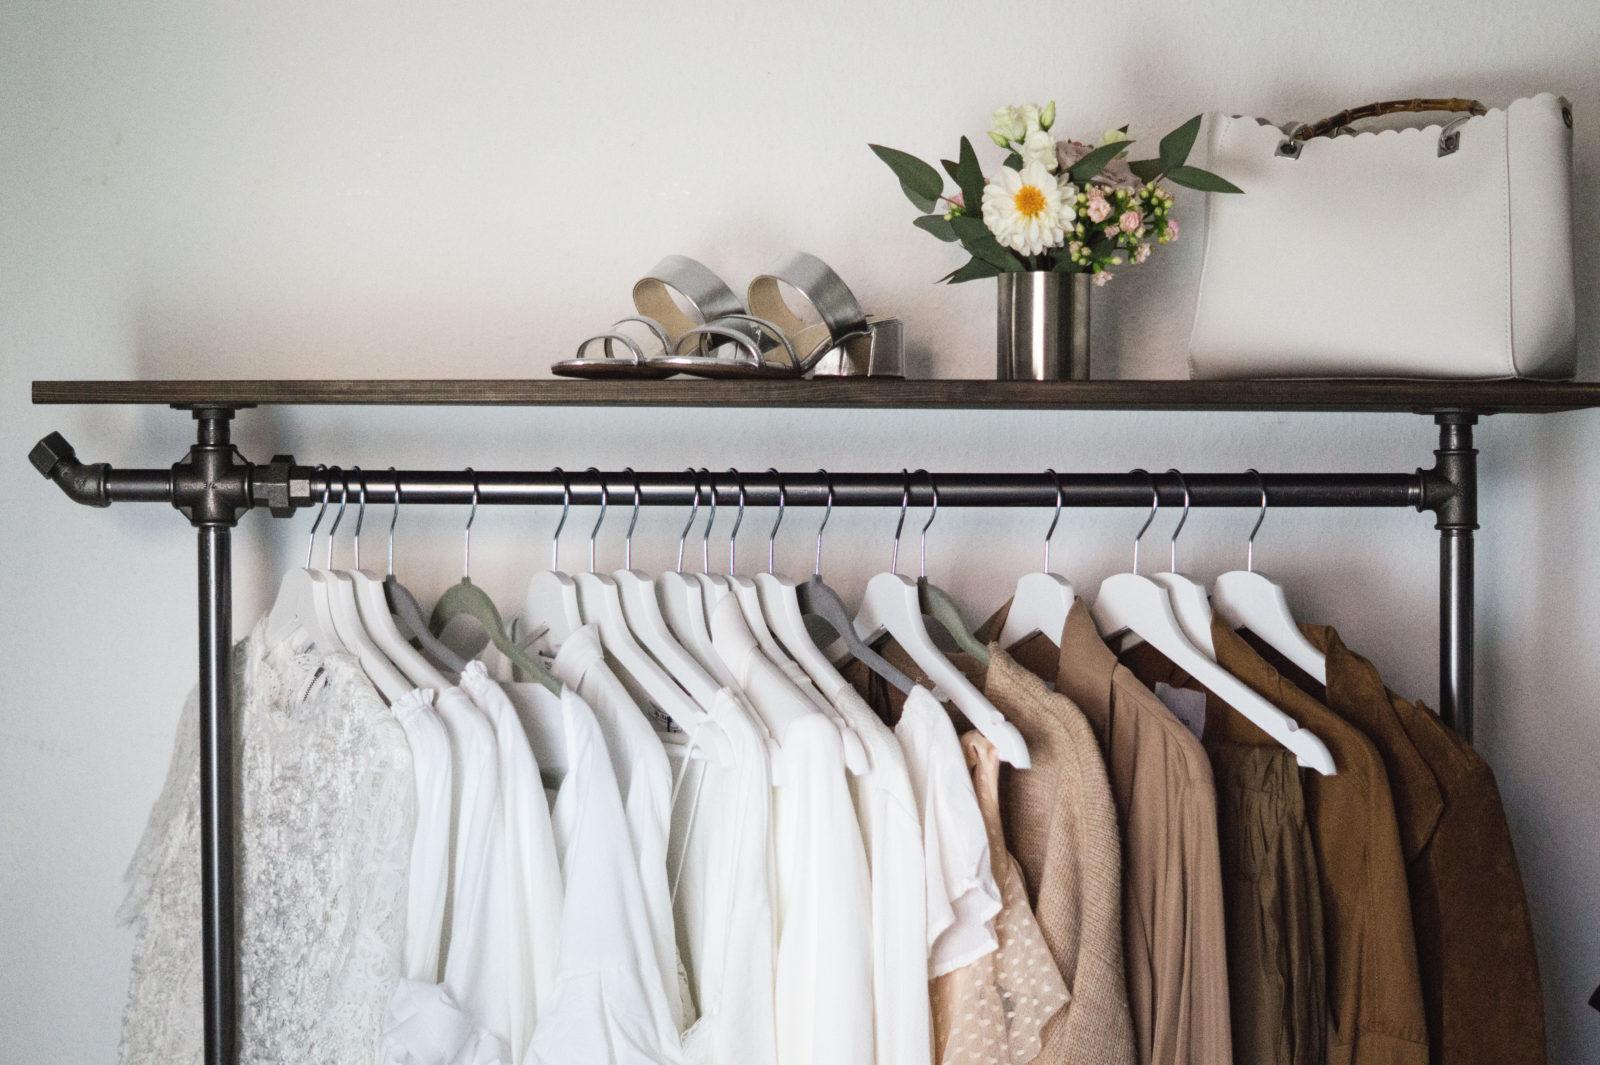 Offener kleiderschrank stange  INTERIOR: New Wardrobe & Office with Rackbuddy - Sariety